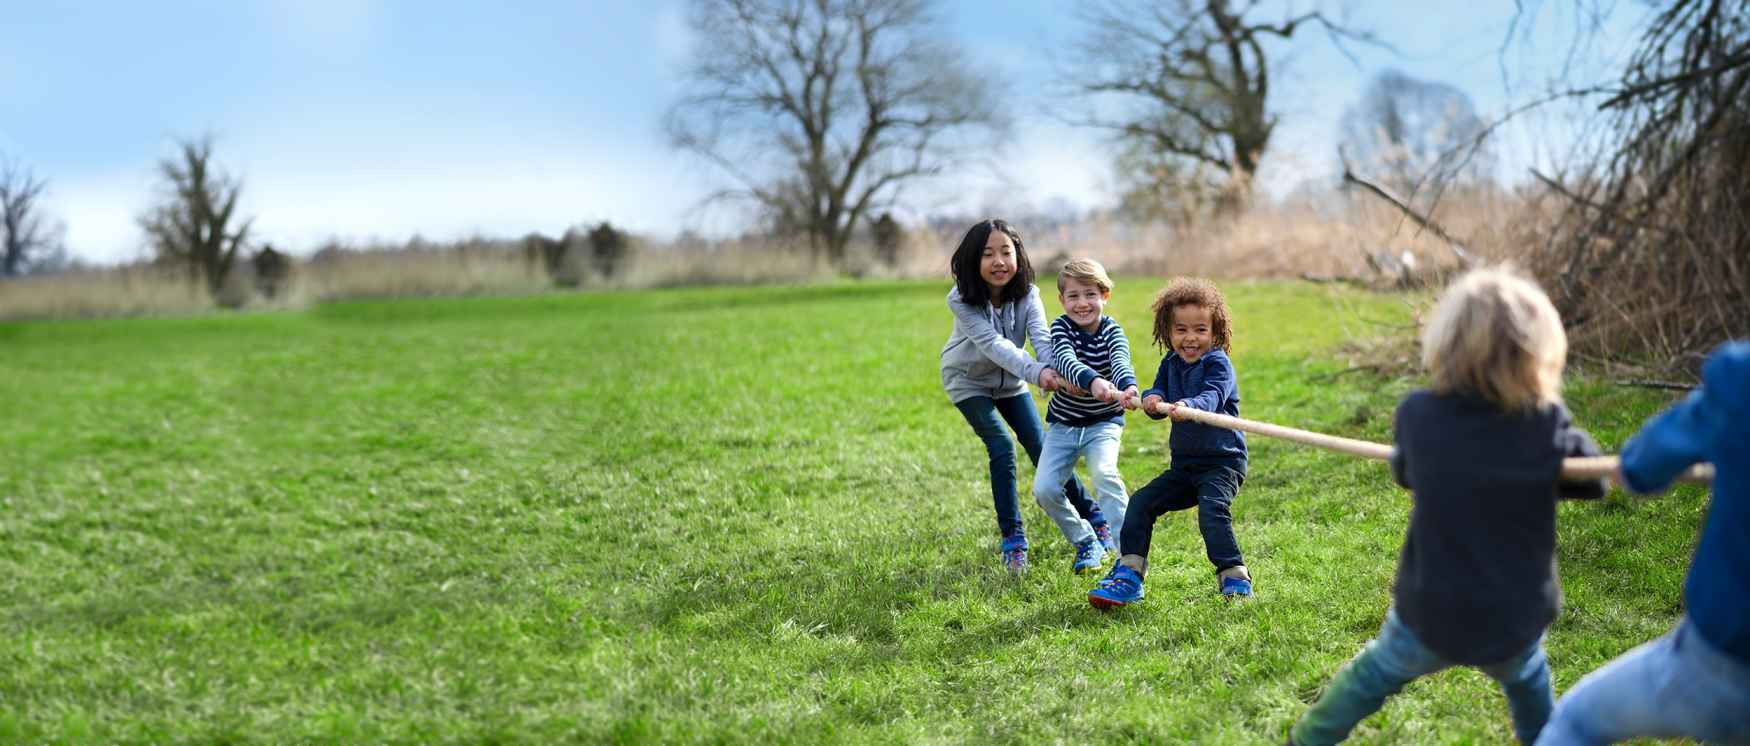 De kleurrijke INNOX PRO GTX LO LACING is verrassend veelzijdig. In deze functionele buitenschoen vinden kinderen een perfecte speelkameraad om samen de wereld te veroveren. De lage schoenen zijn gemaakt van robuust maar toch licht synthetisch materiaal dat de voeten flexibel omsluit en ze dankzij de GORE-TEX-voering betrouwbaar droog houdt. Bovendien zorgen kindvriendelijke details ervoor dat deze flexibele outdoorschoen geschikt zijn voor elk avontuur en de bewegingsvrijheid op geen enkele manier beperken.